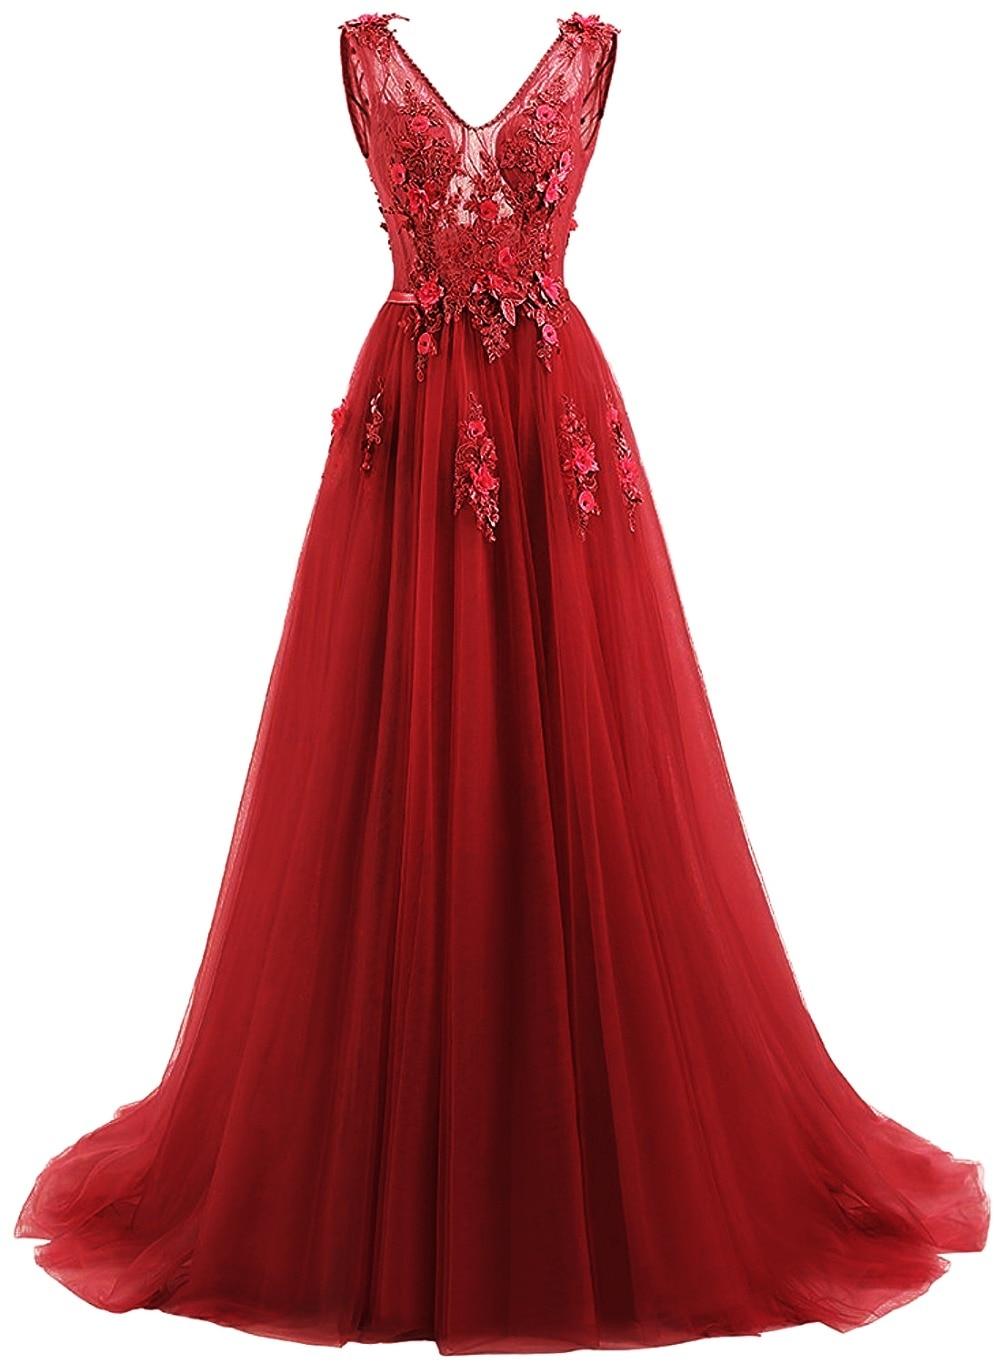 Elie Saab bleu robes De soirée 2019 grande taille Tulle Appliques longues robes formelles robes col en V à lacets sans manches Robe De soirée - 6